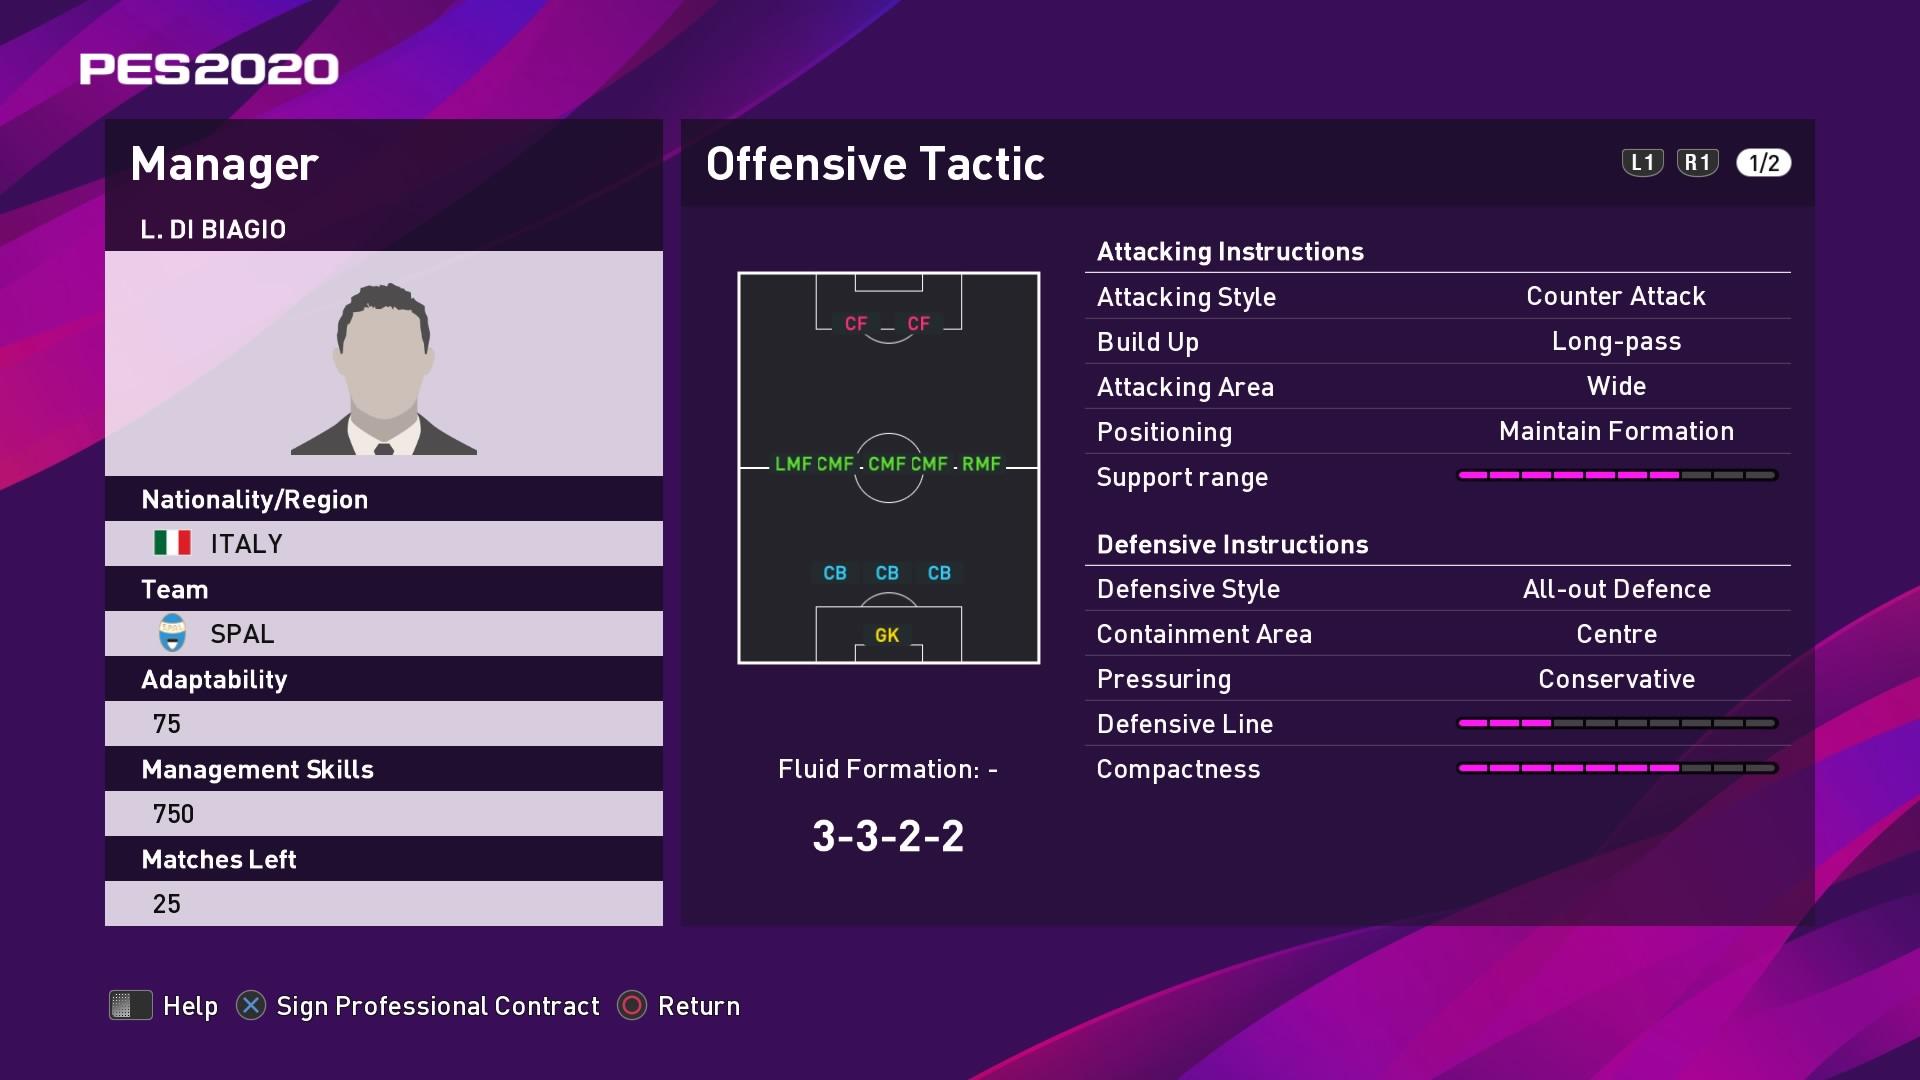 L. Di Biagio (Luigi Di Biagio) Offensive Tactic in PES 2020 myClub